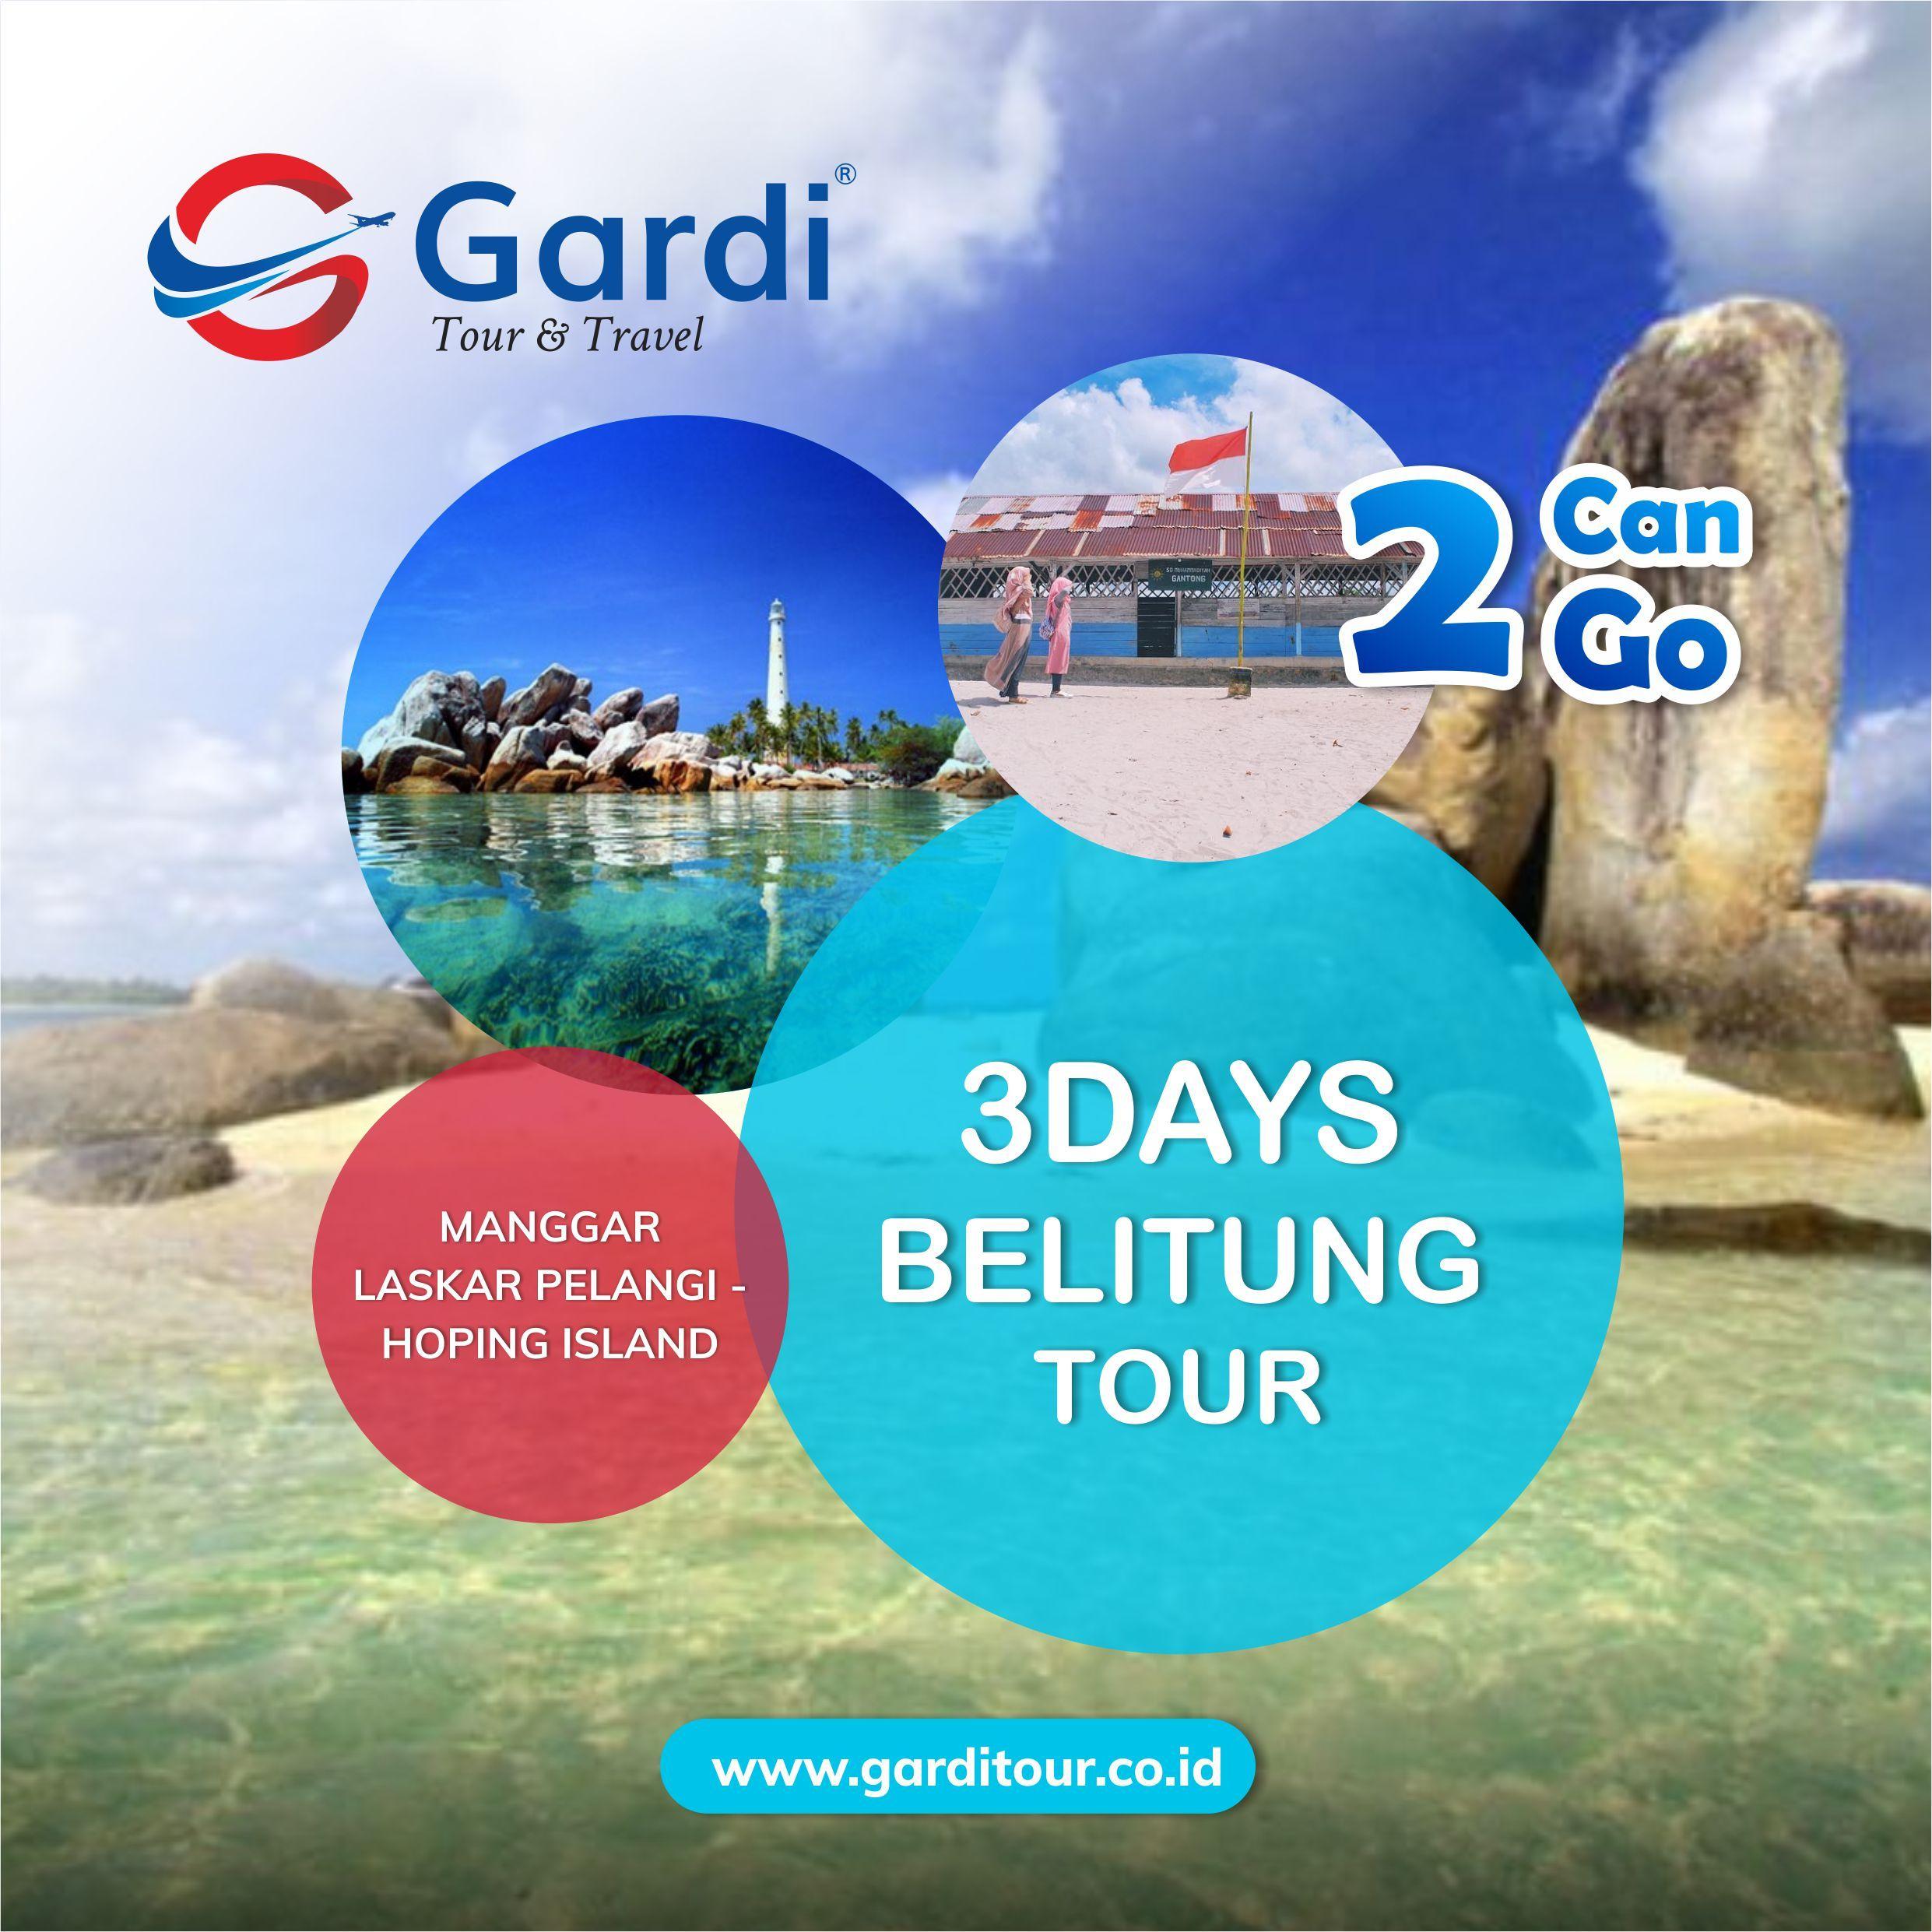 03 Days Belitung Tour Gardi Tour